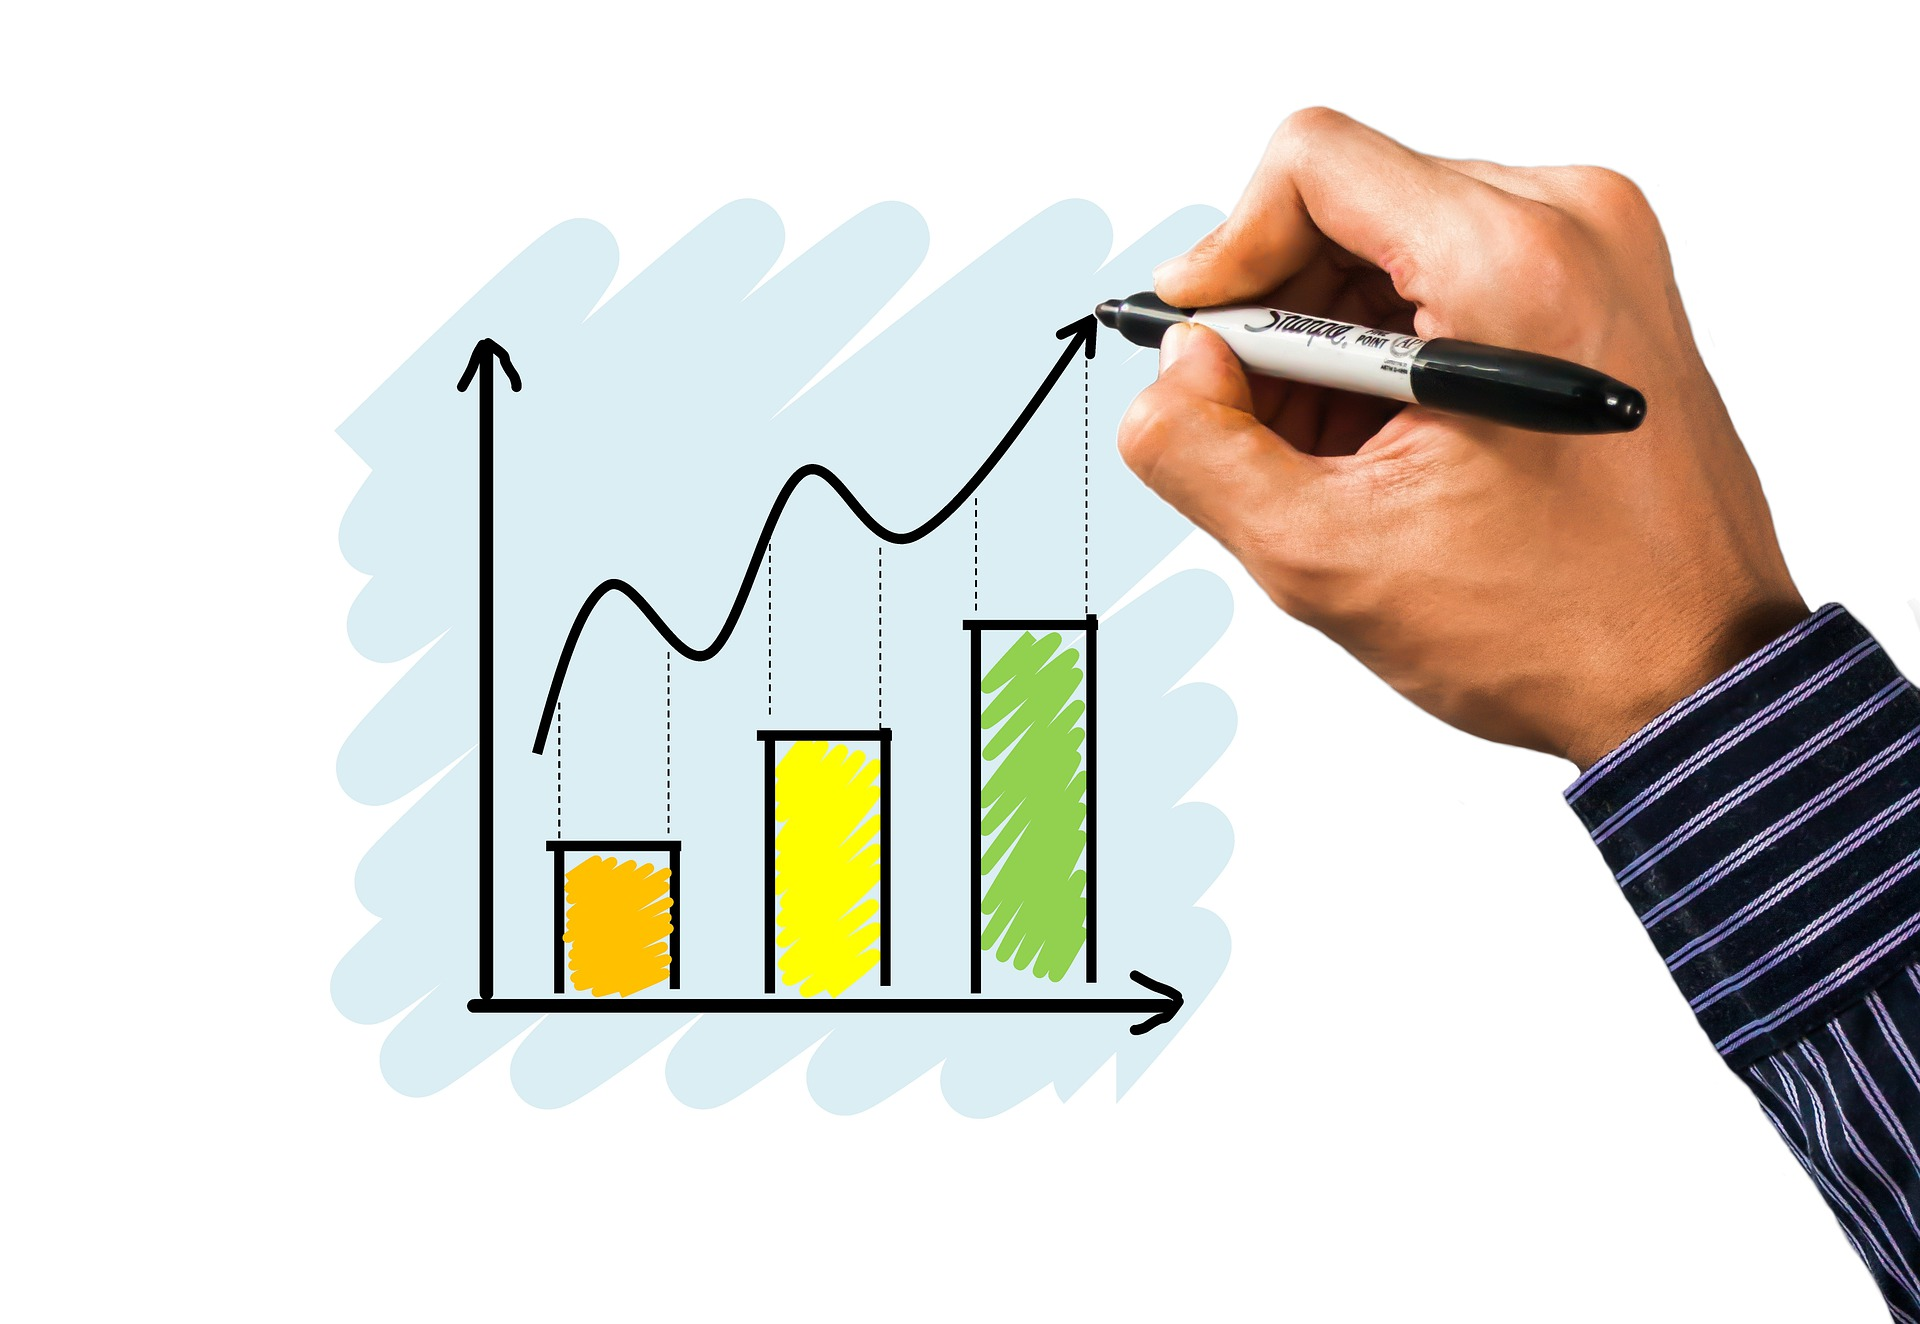 Googleデータポータルの効率的な学習方法!講座・セミナー情報まとめ